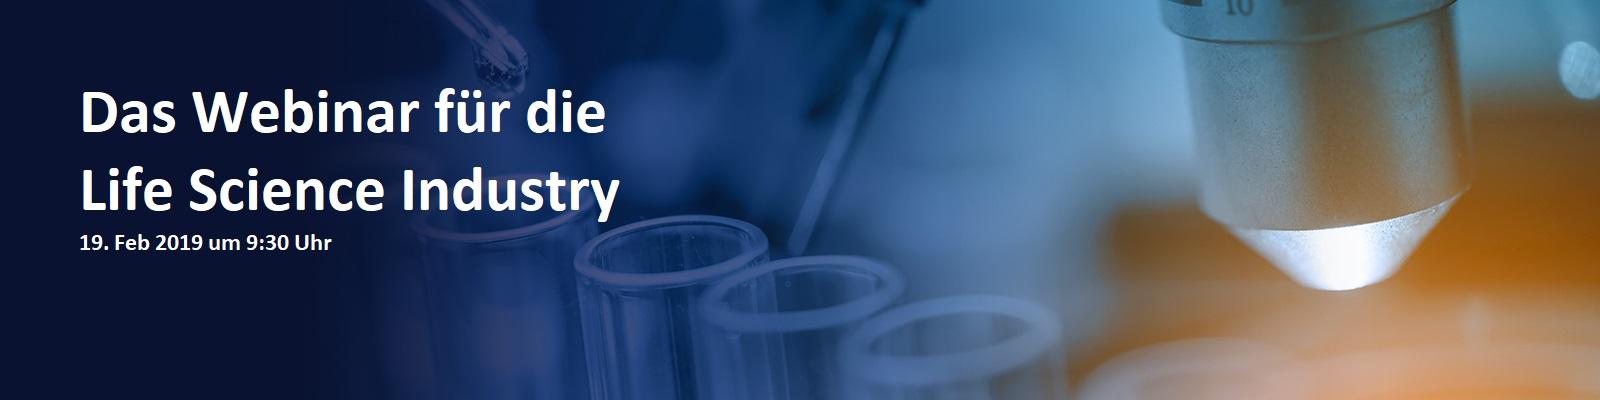 Supply Chain Digitalisierung für die Life Science Industry